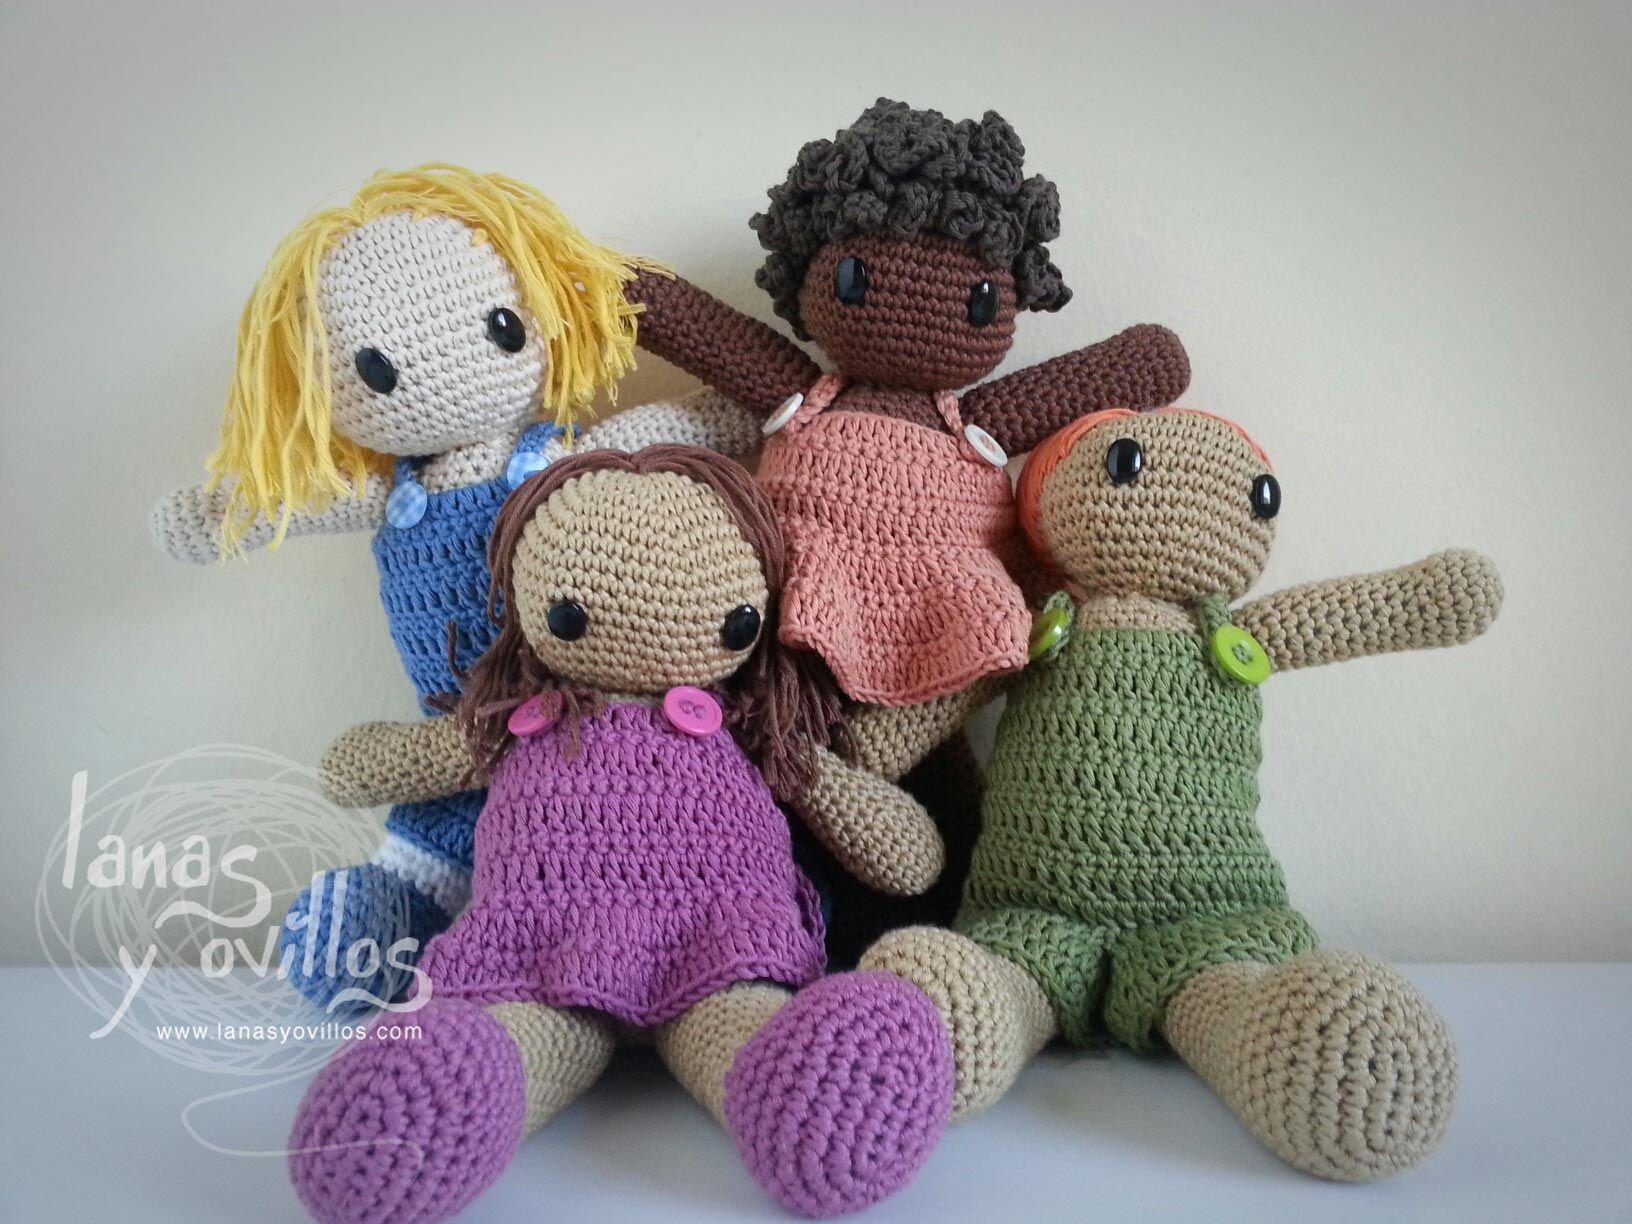 Crochet Amigurumi Doll Free : La calle de la abuela mi pequeño angelito amoroso amigurumi